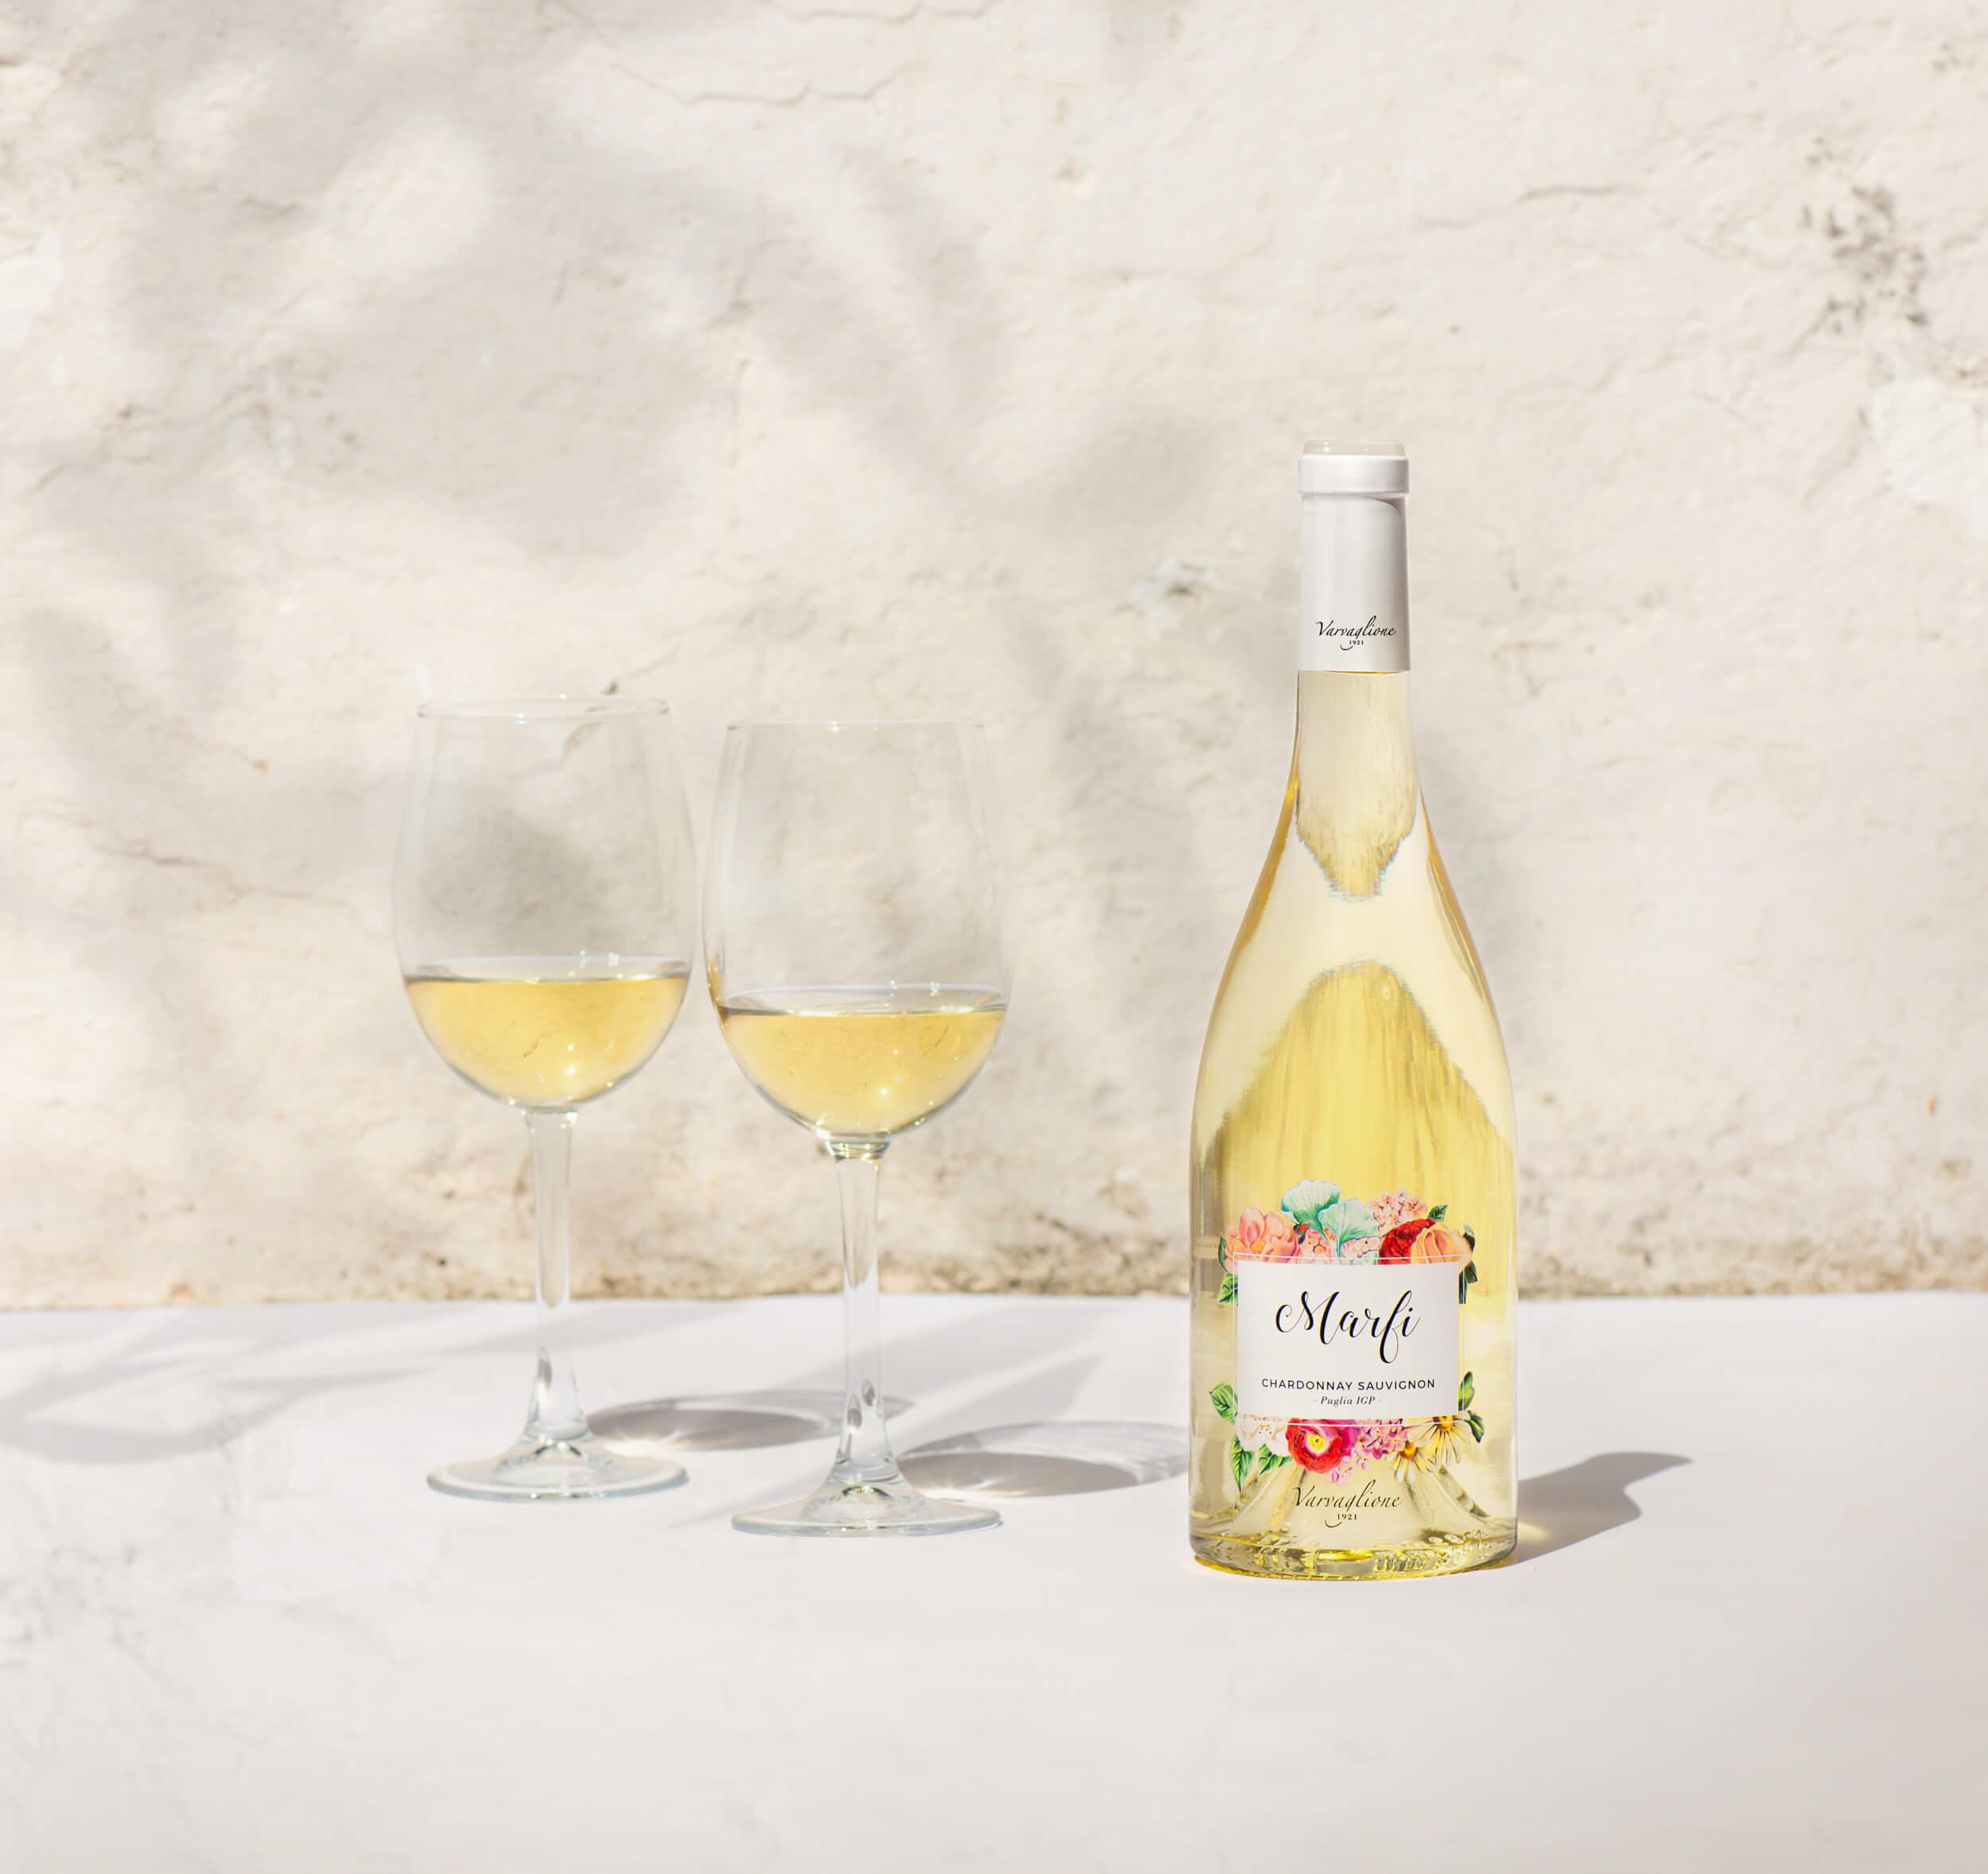 packaging bottiglia vino Varvaglione